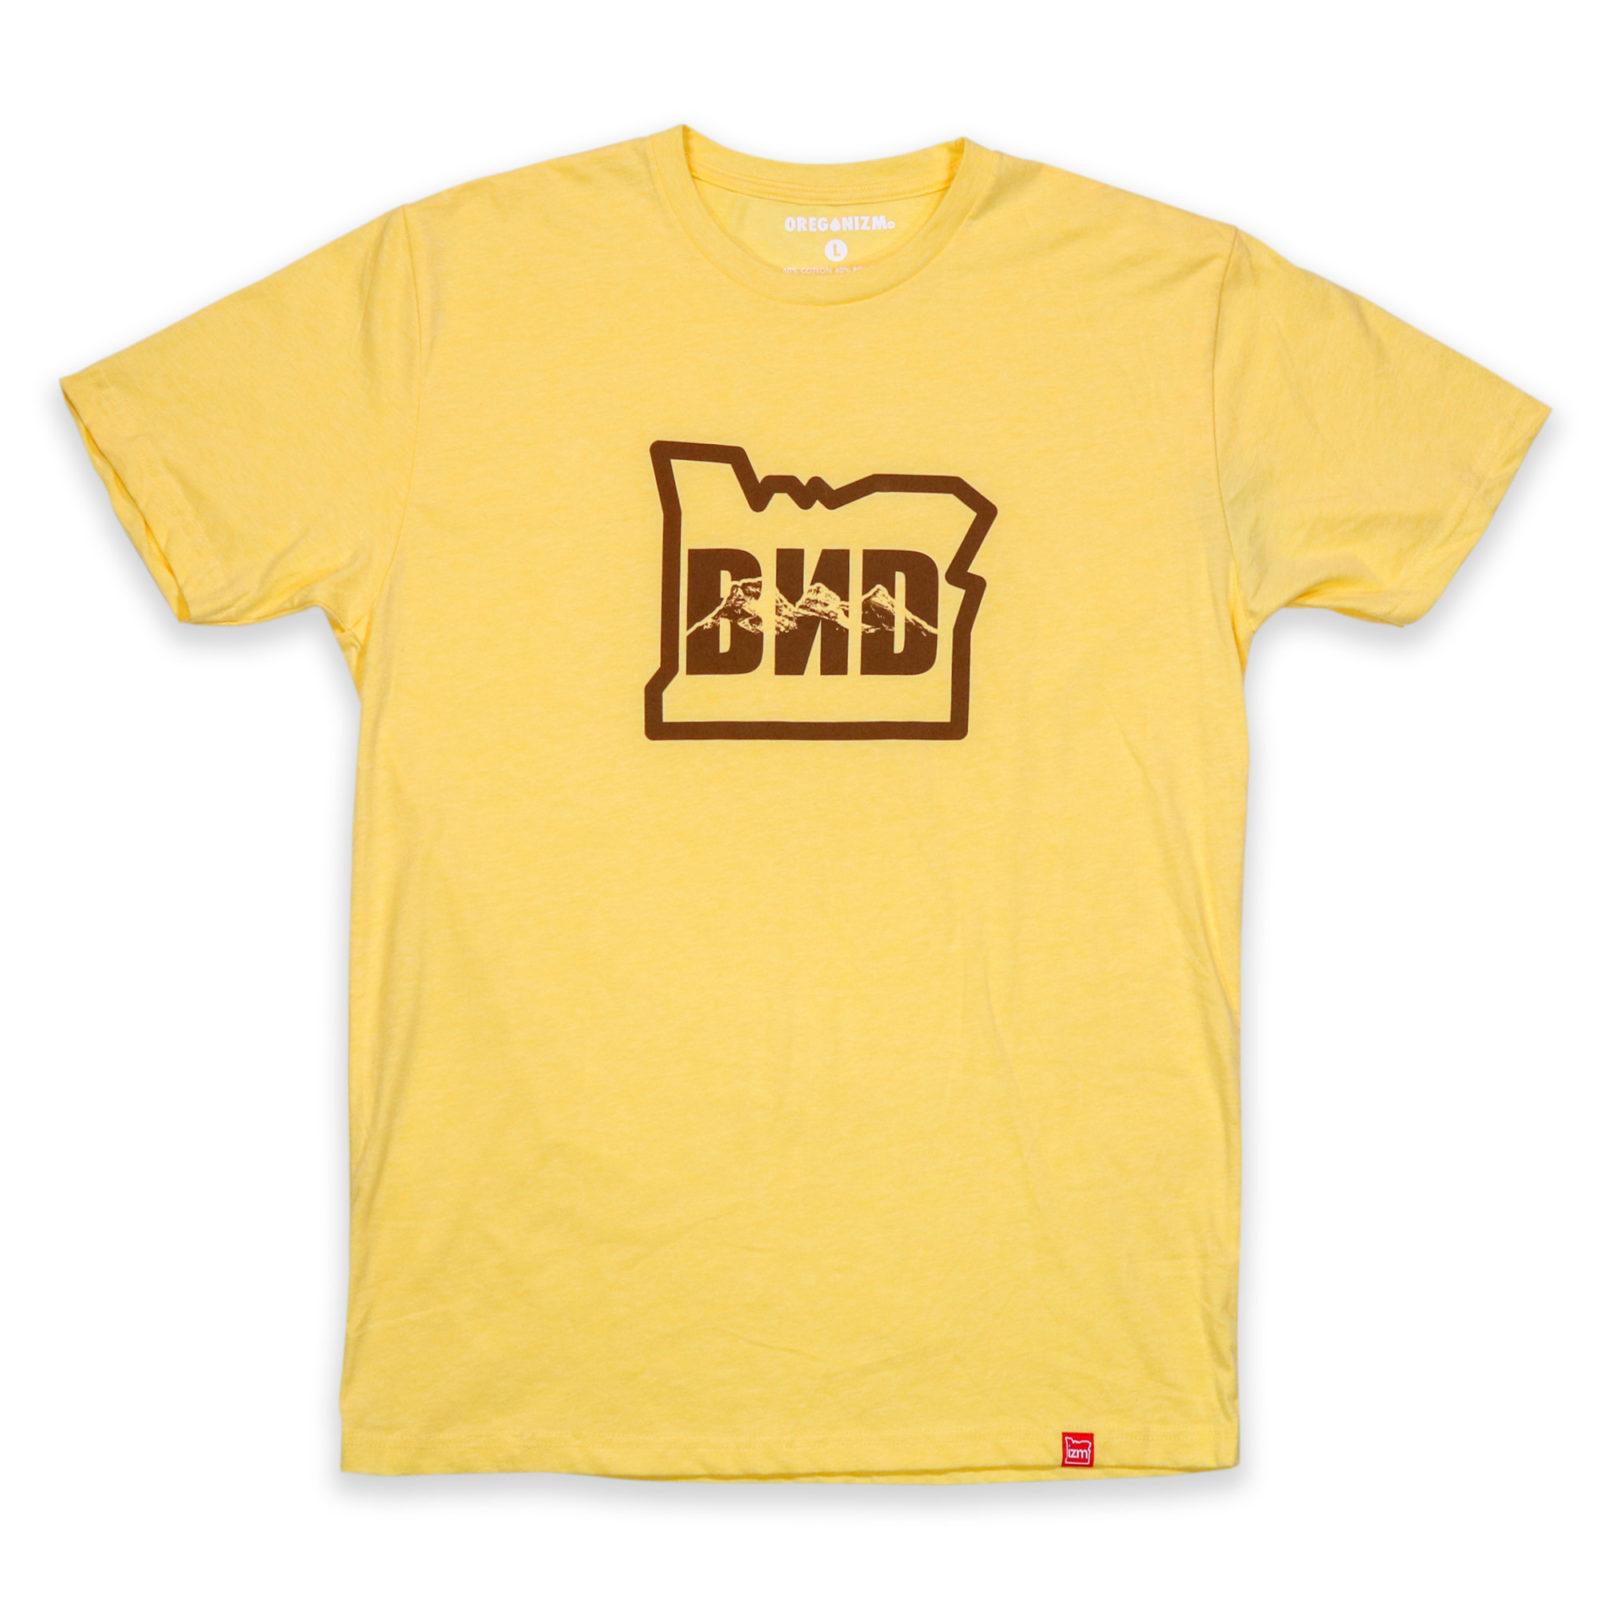 Tshirt_BND_Banana